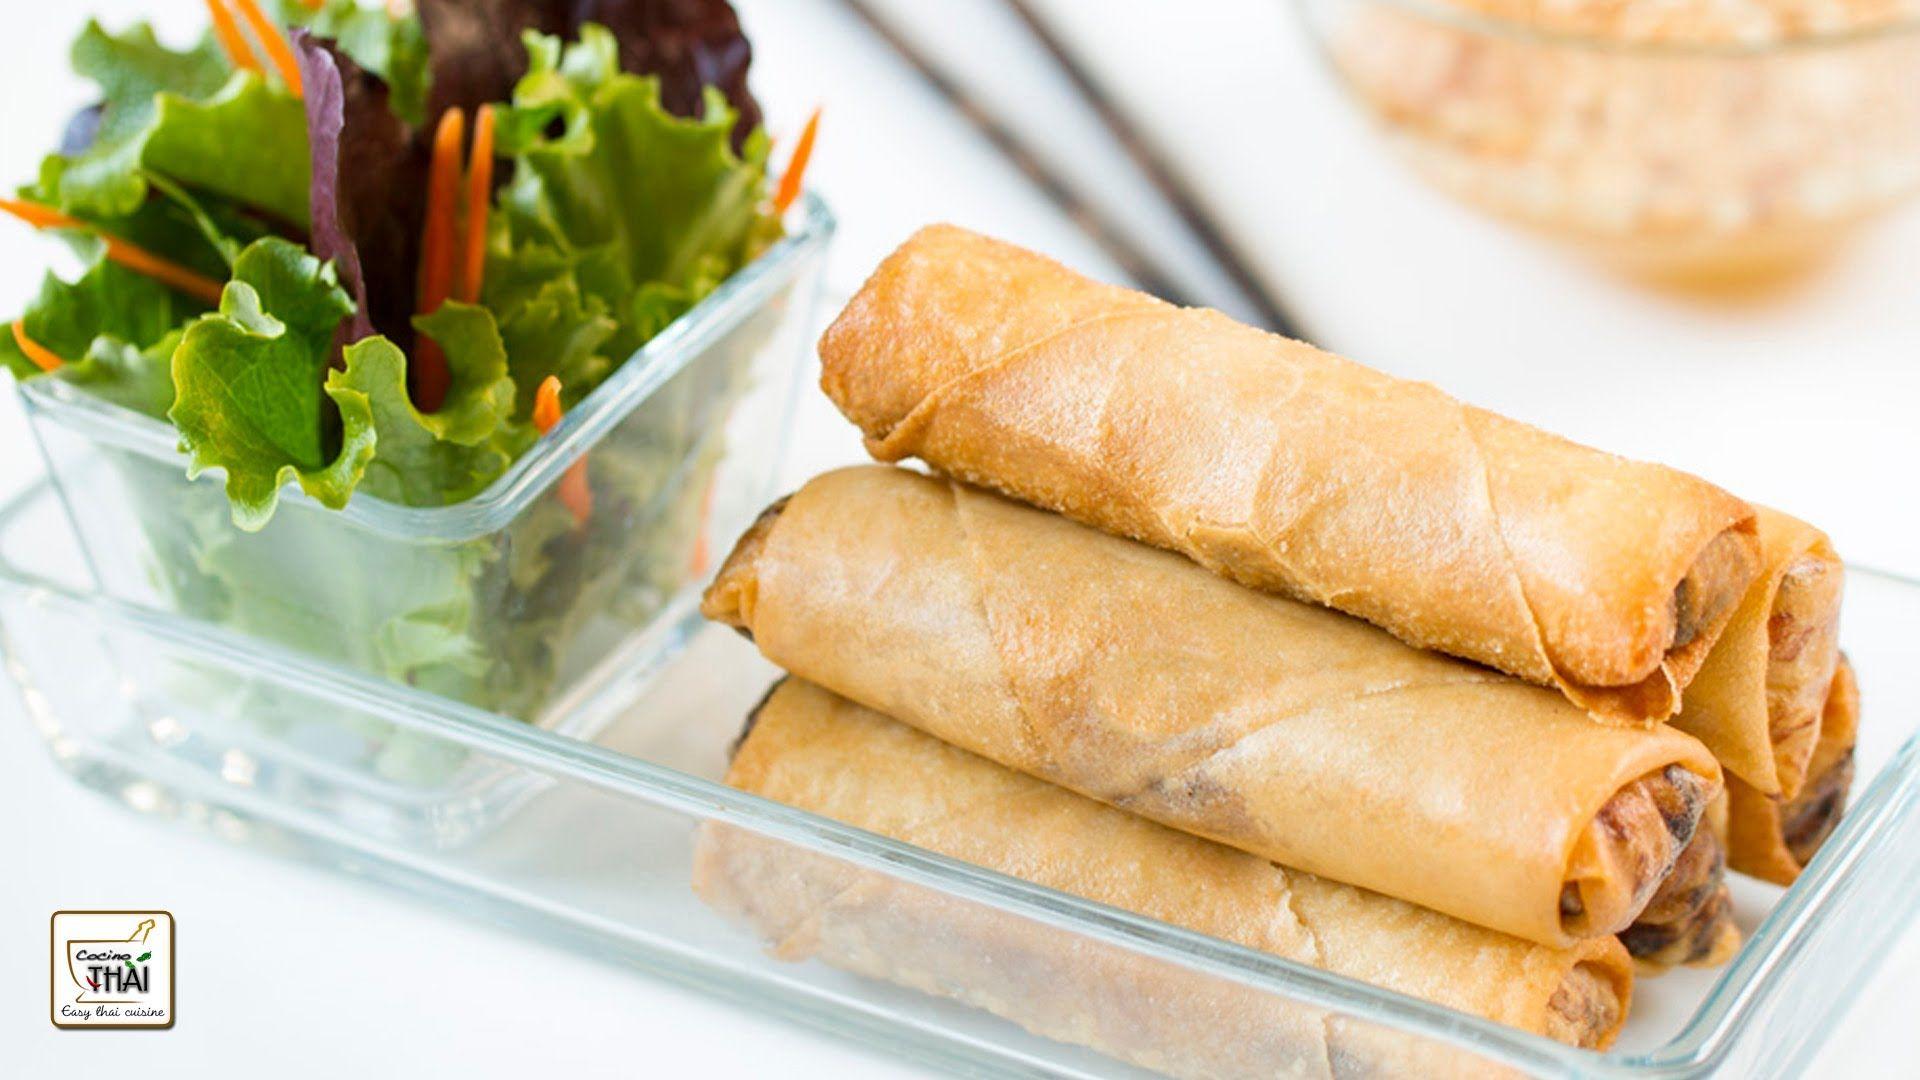 Como hacer rollitos de primavera estilo thai con salsa agridulce de como hacer rollitos de primavera estilo thai con salsa agridulce de cacahuetes forumfinder Choice Image